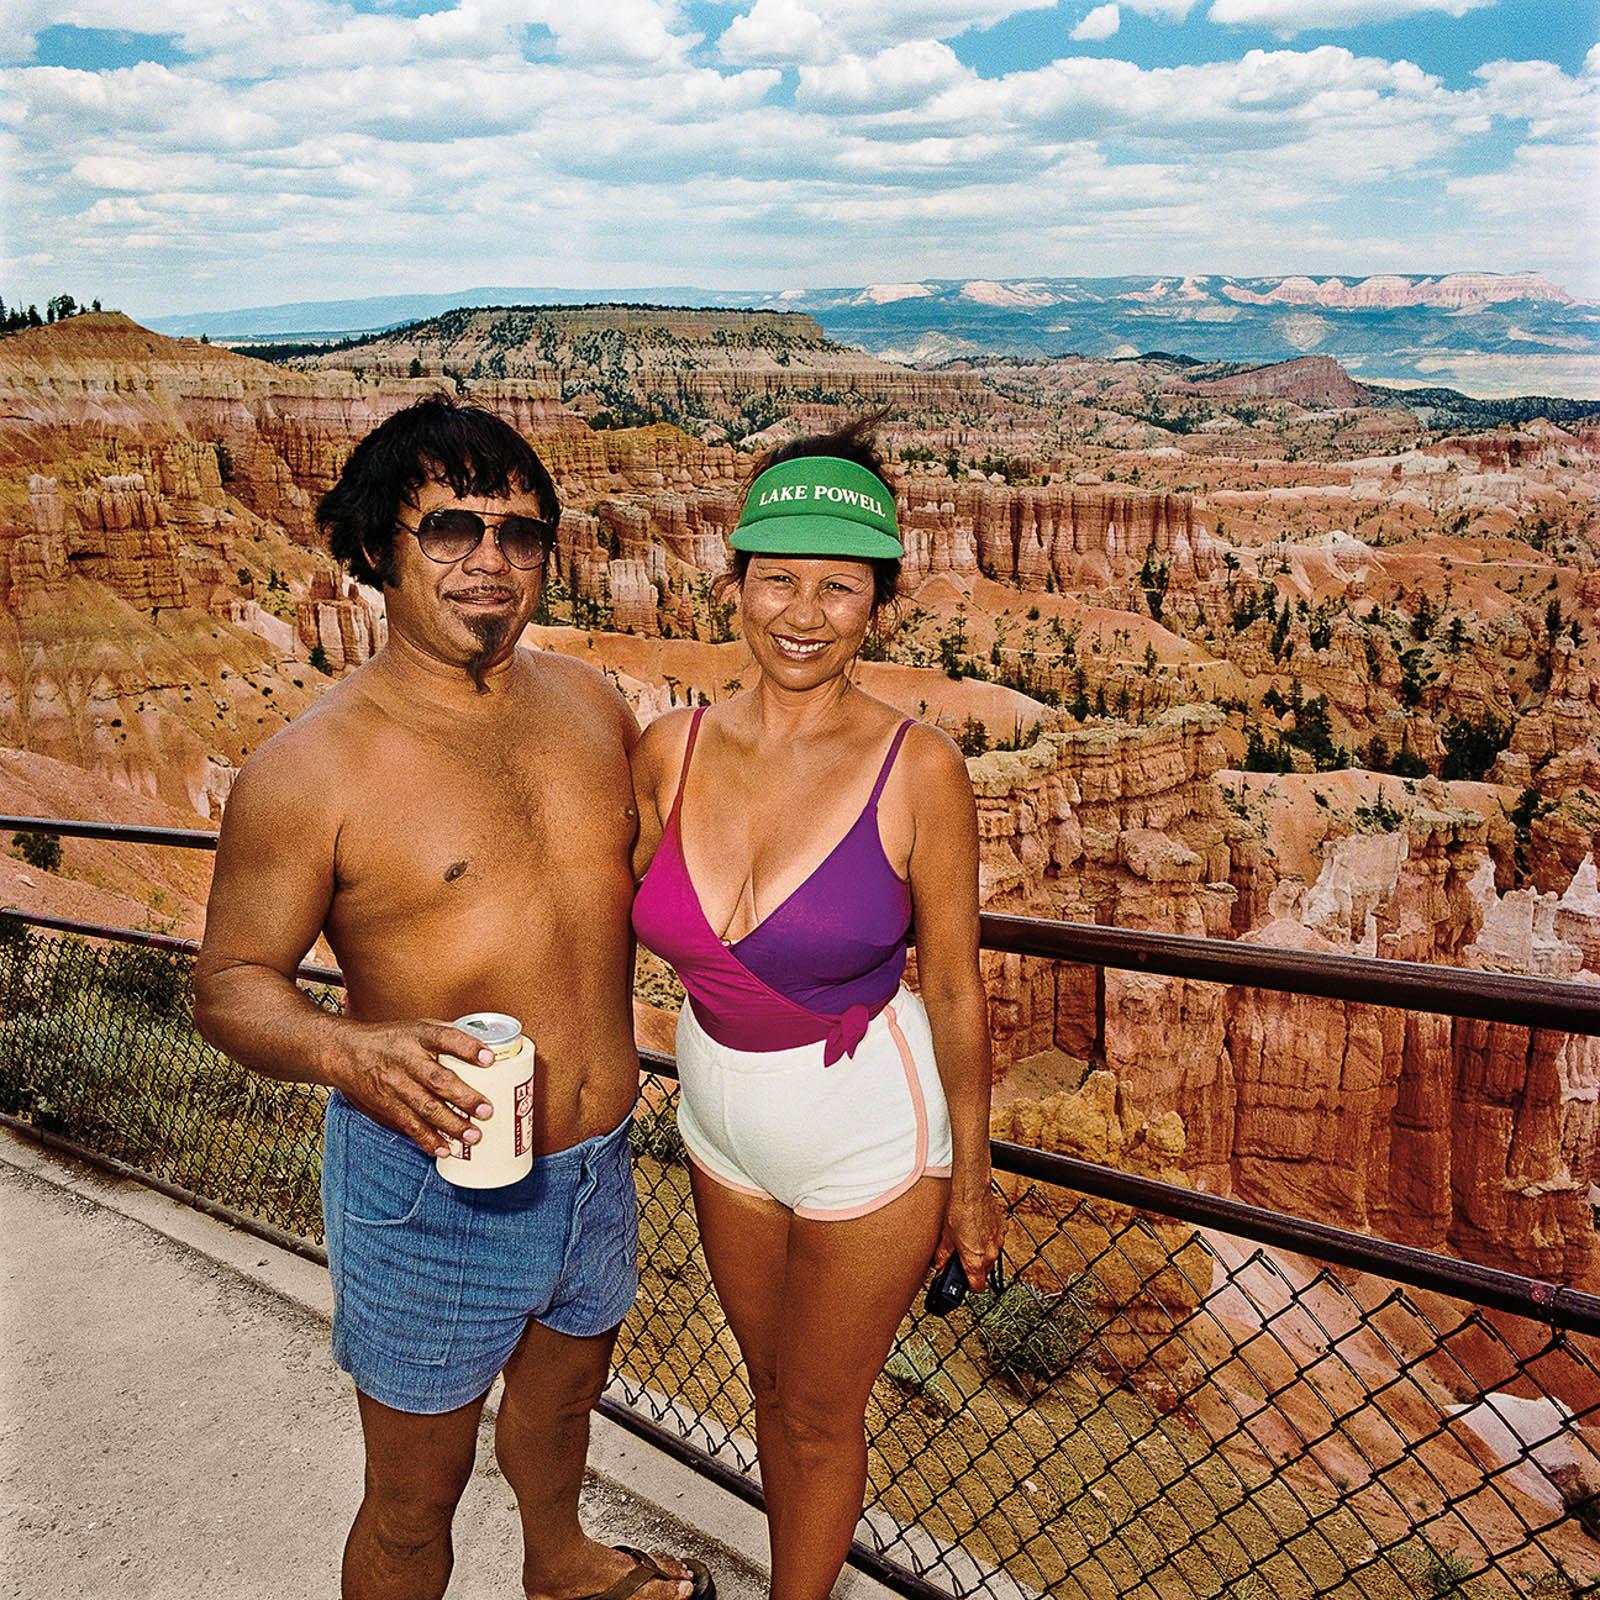 Couple at Bryce Canyon National Park, Utah 1980